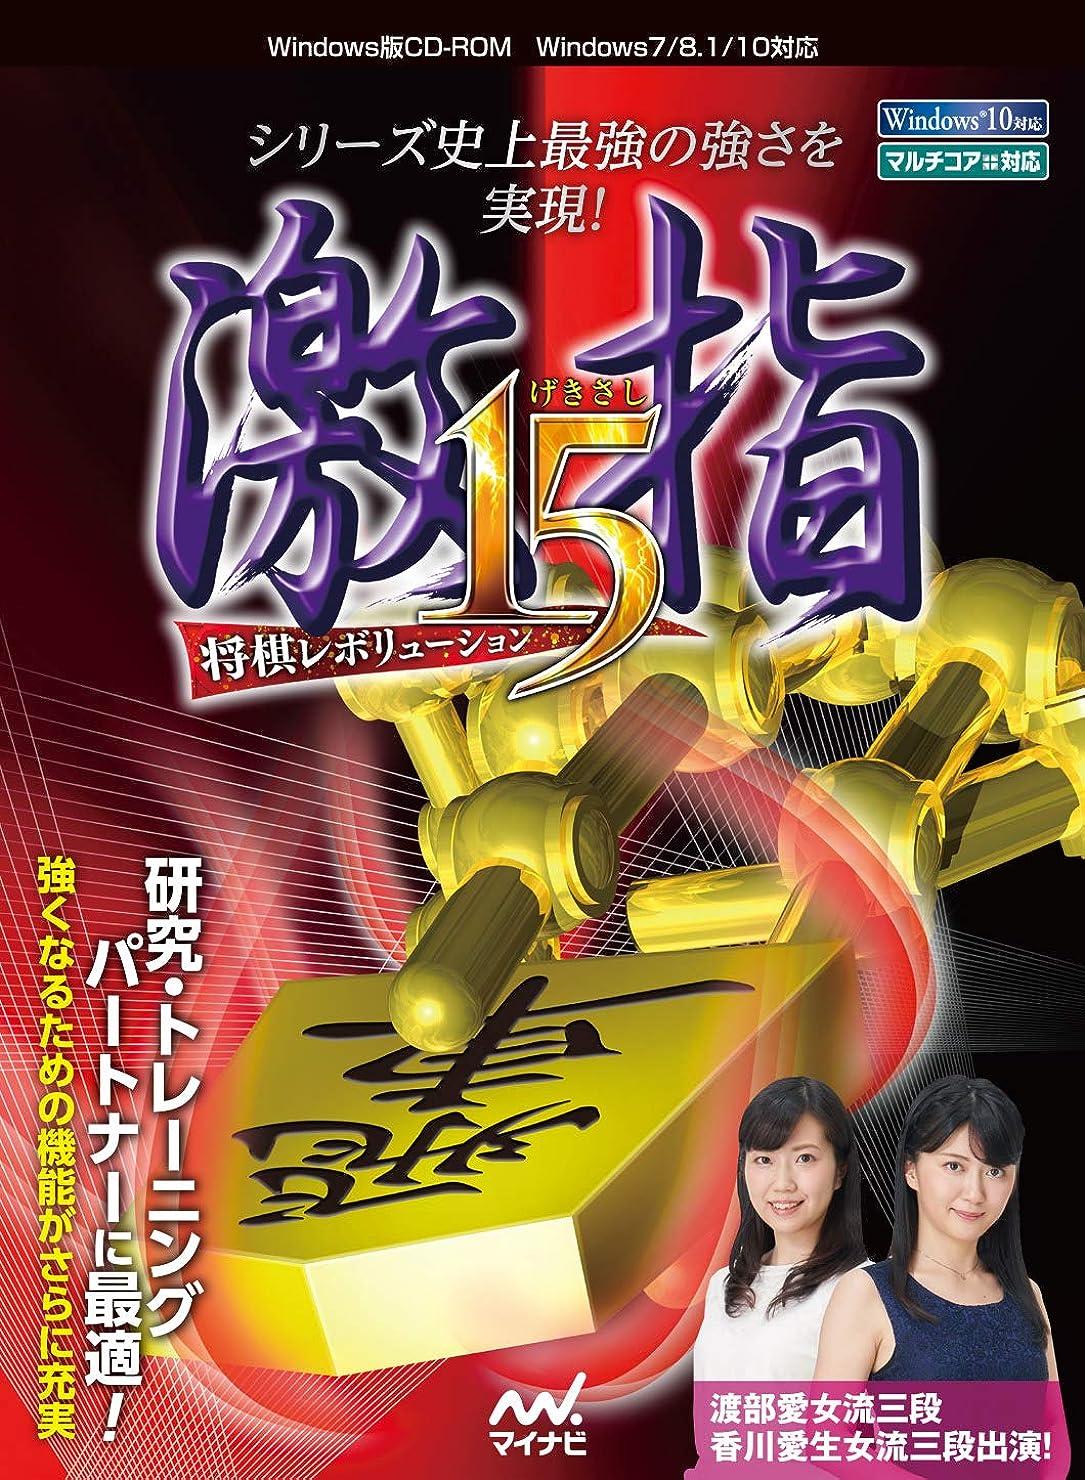 レプリカ第大惨事マイナビ 将棋レボリューション 激指15